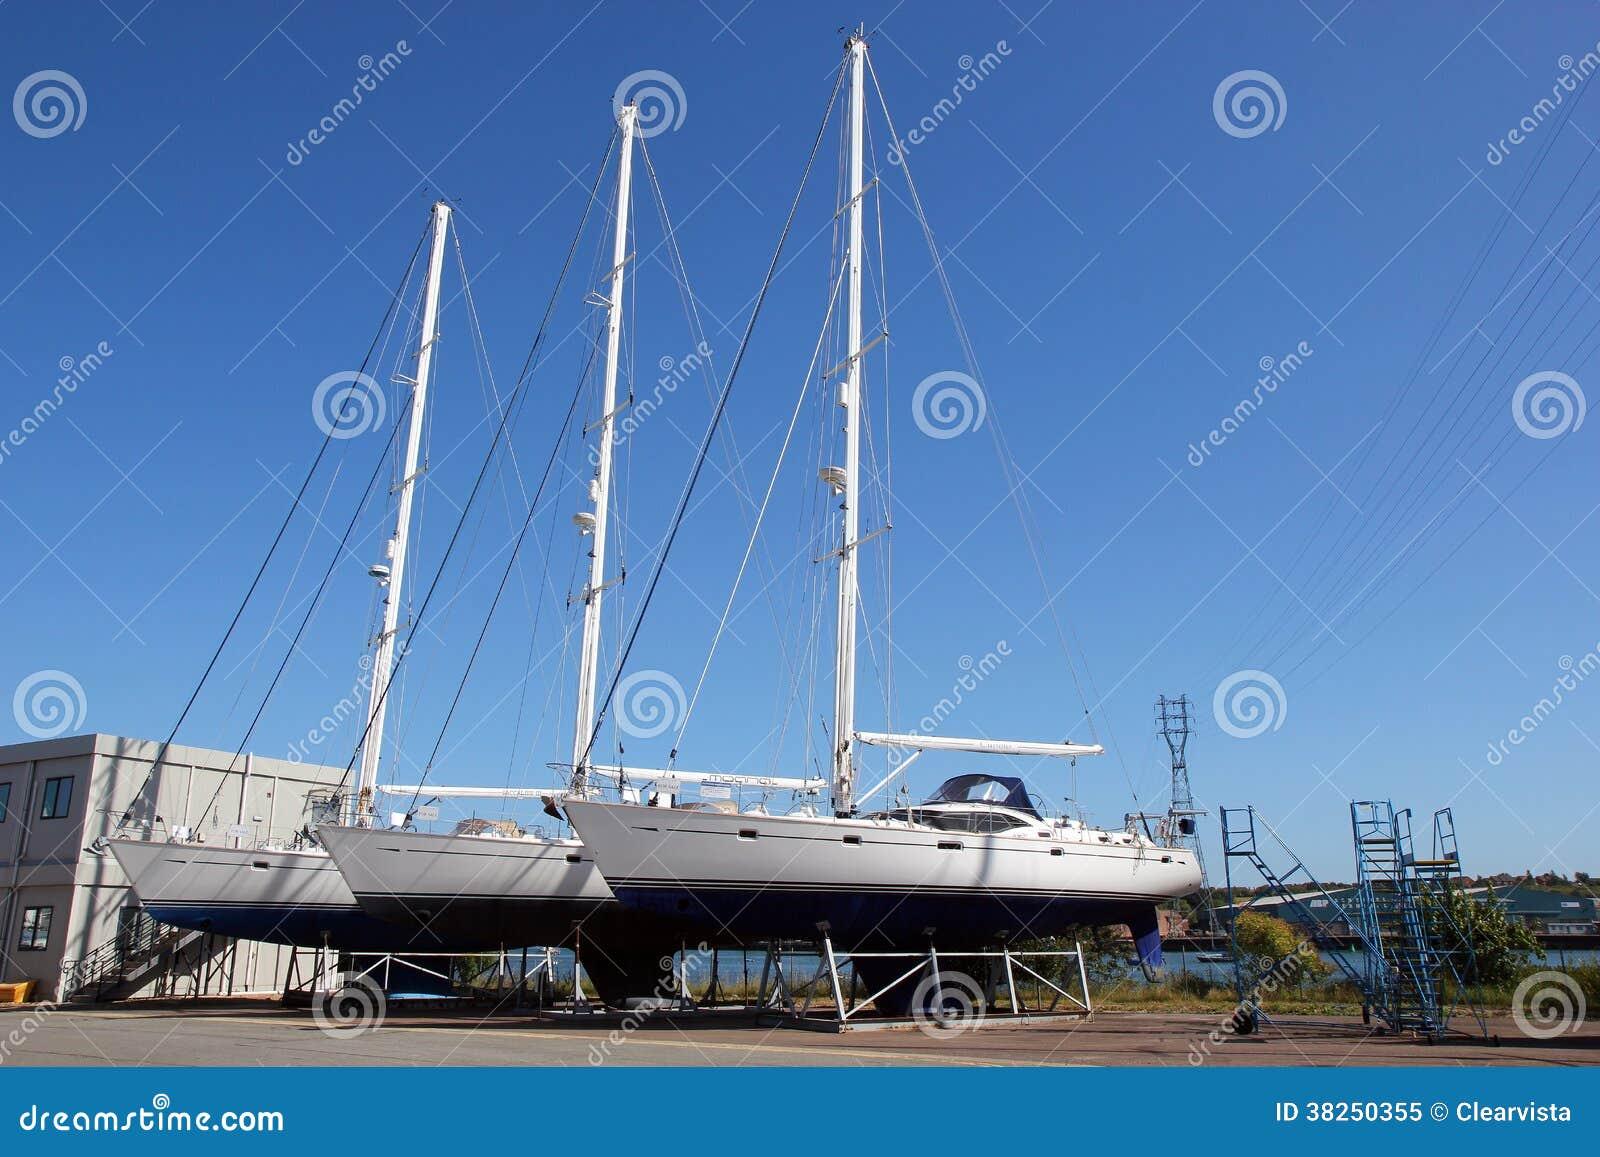 Barcos ou iate para a venda em uma jarda do barco.